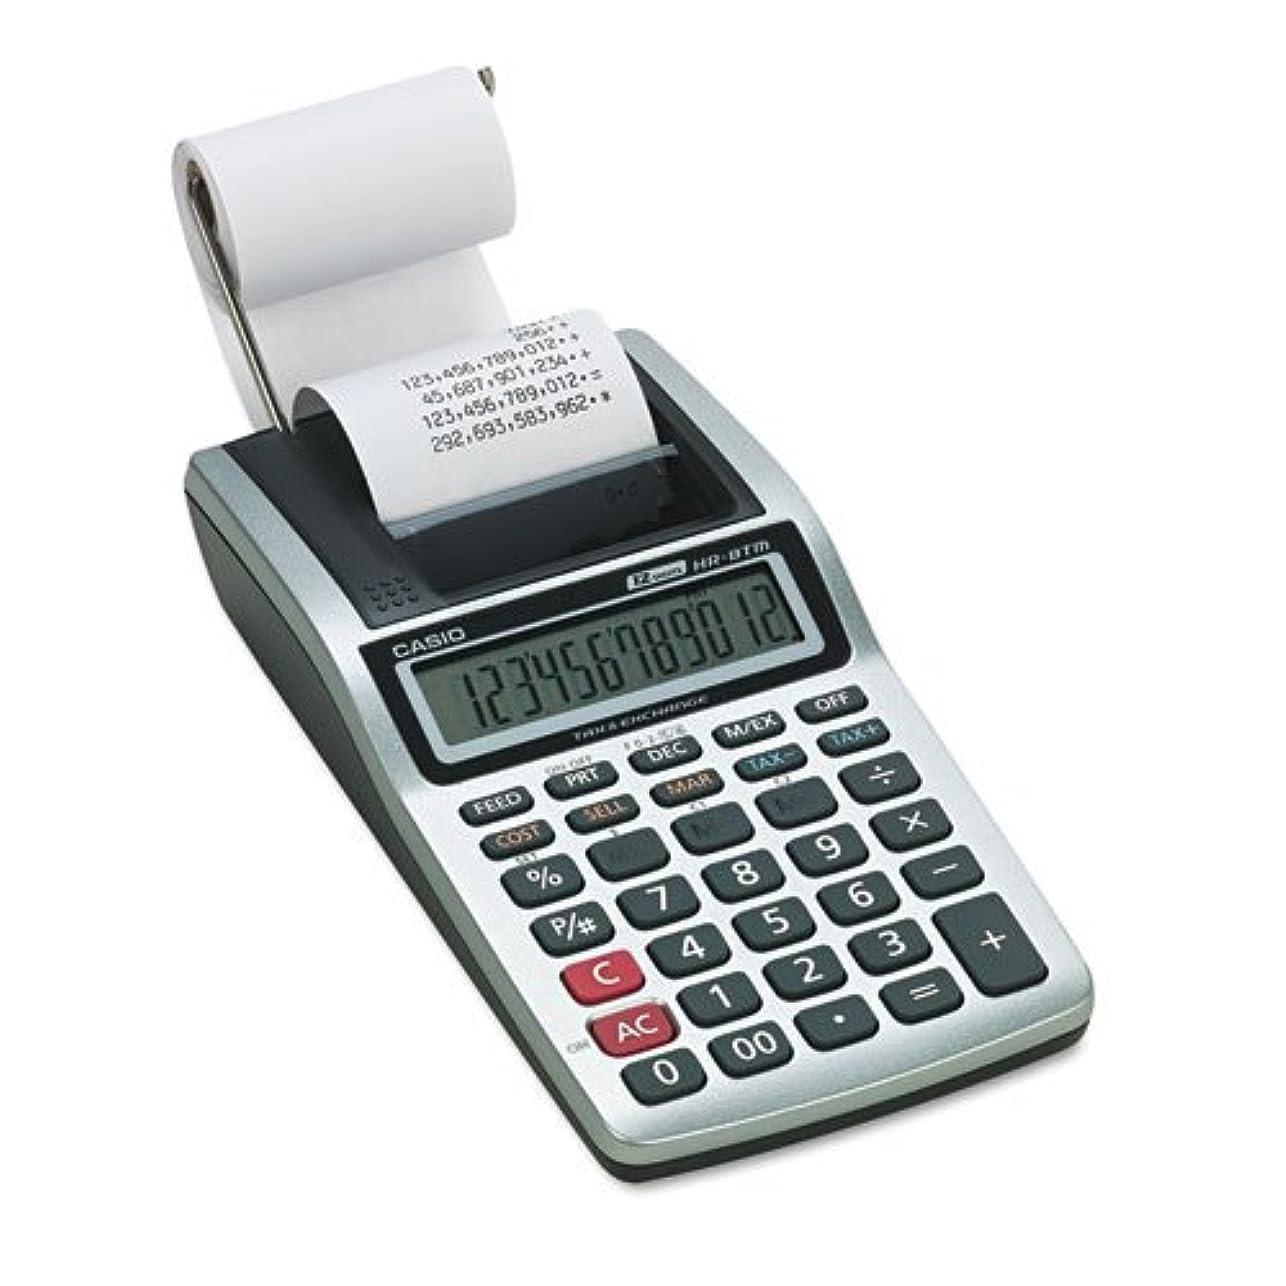 うめき波紋インフレーションcsohr8tm?–?hr-8tmハンドヘルドポータブル印刷電卓